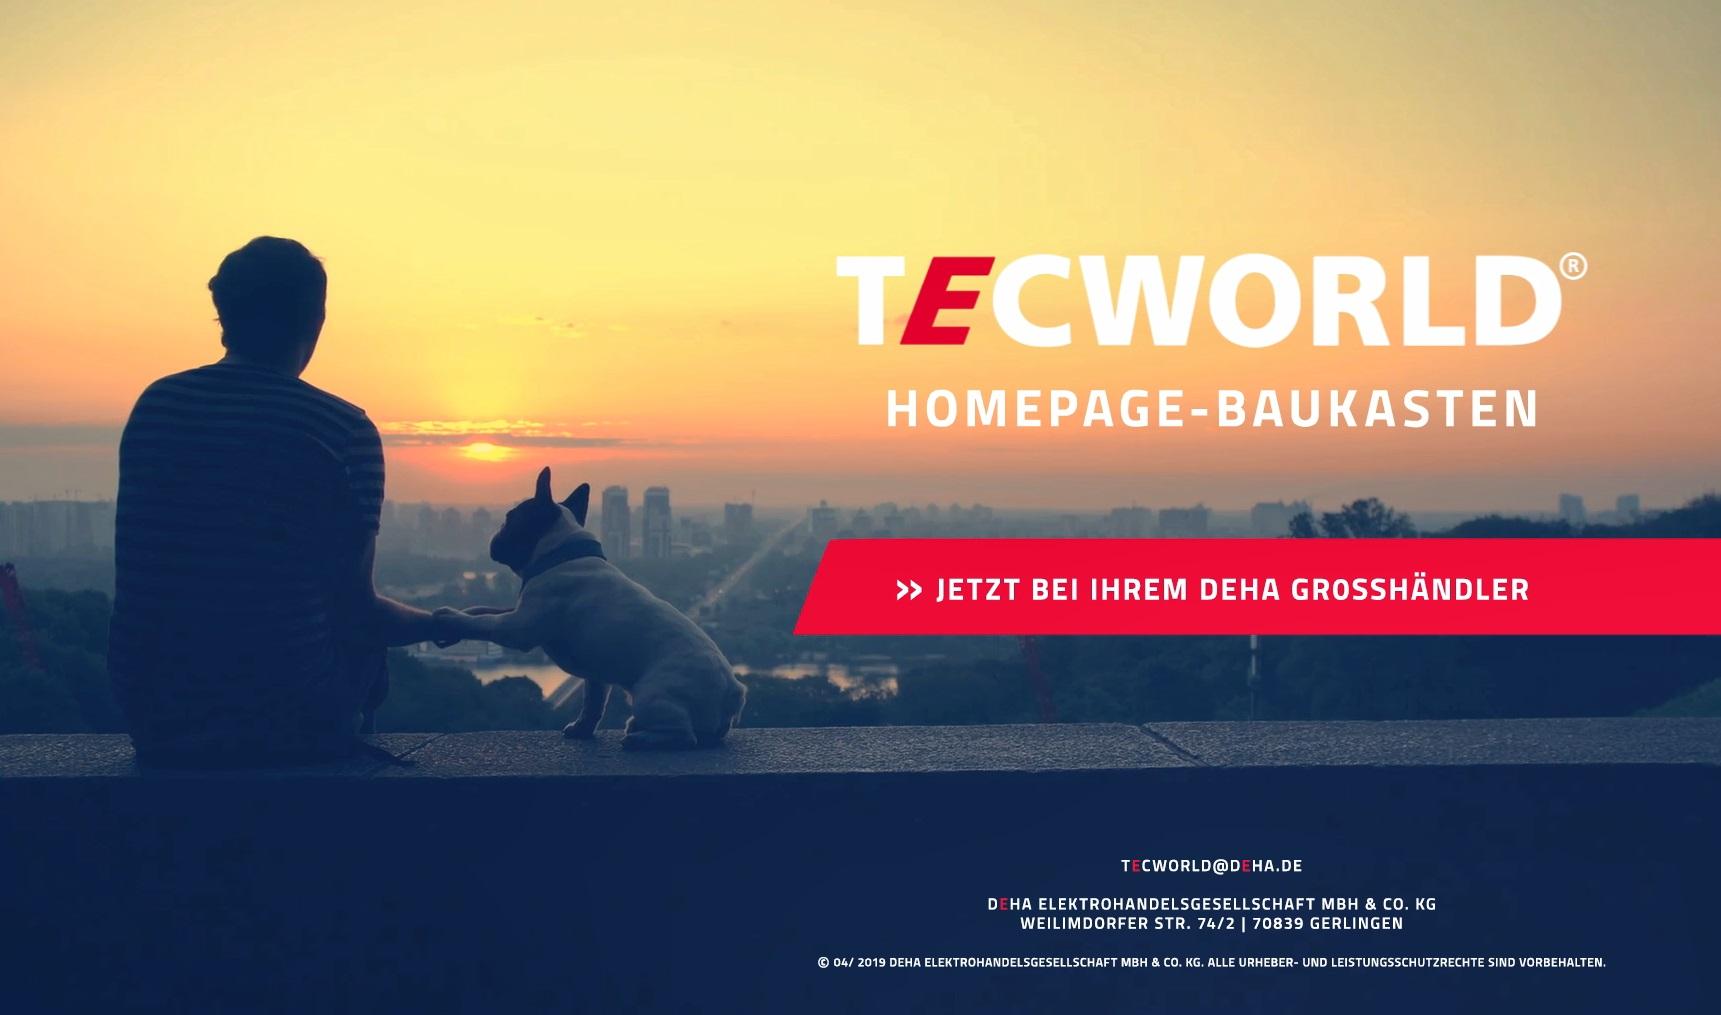 Tecworld Homepage Baukasten